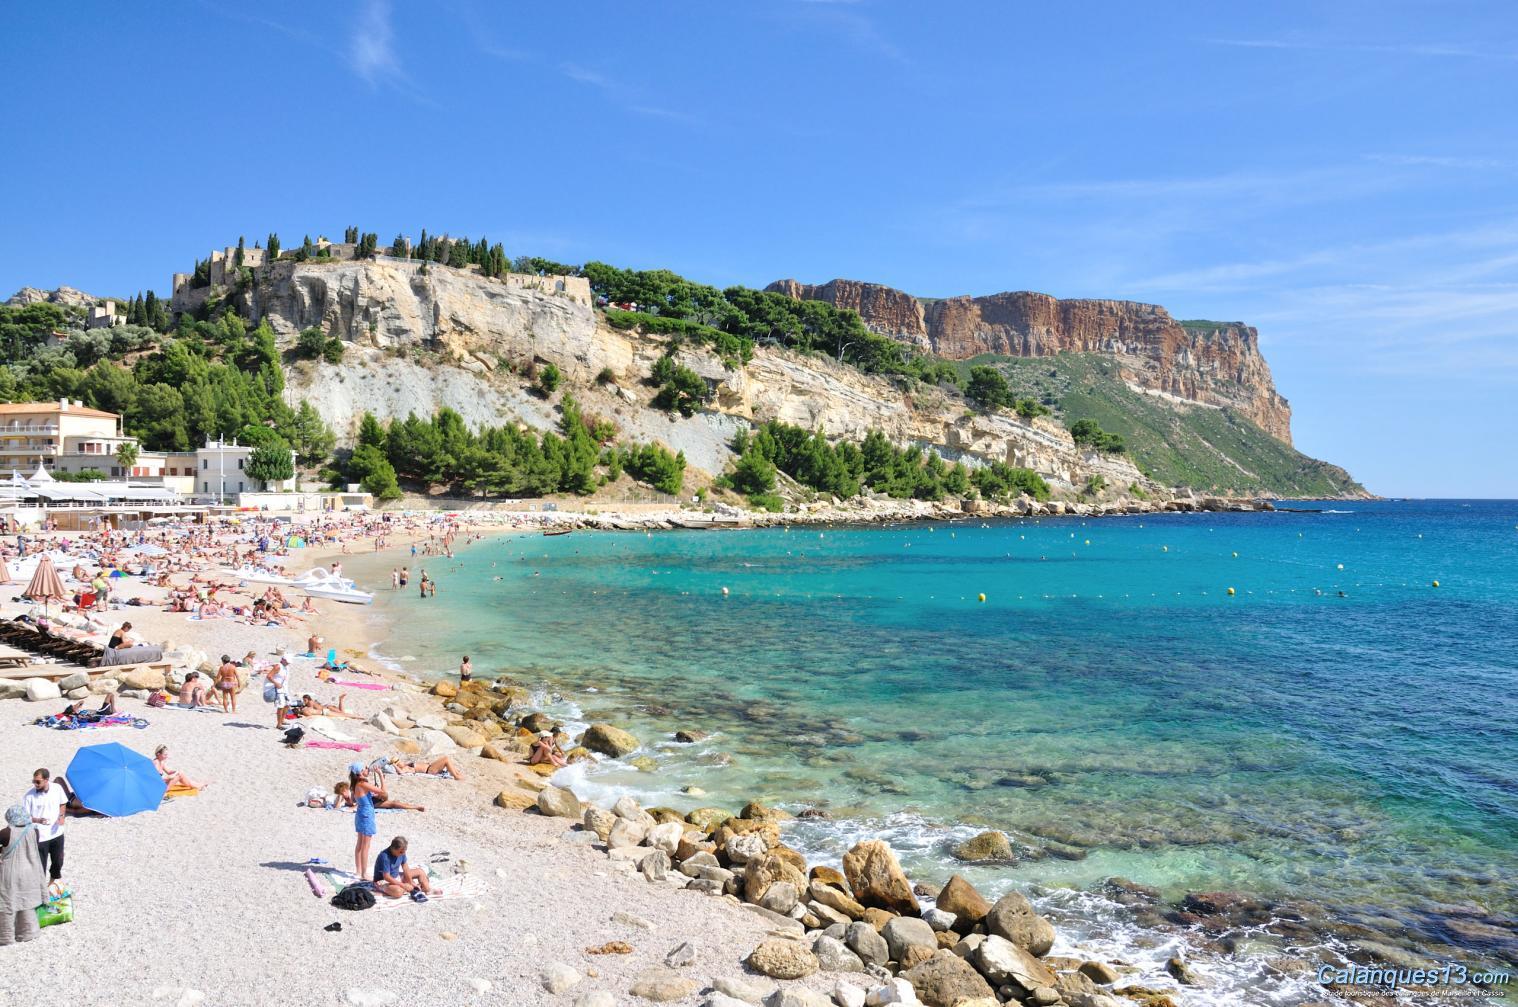 activite-sur-la-plage-fr